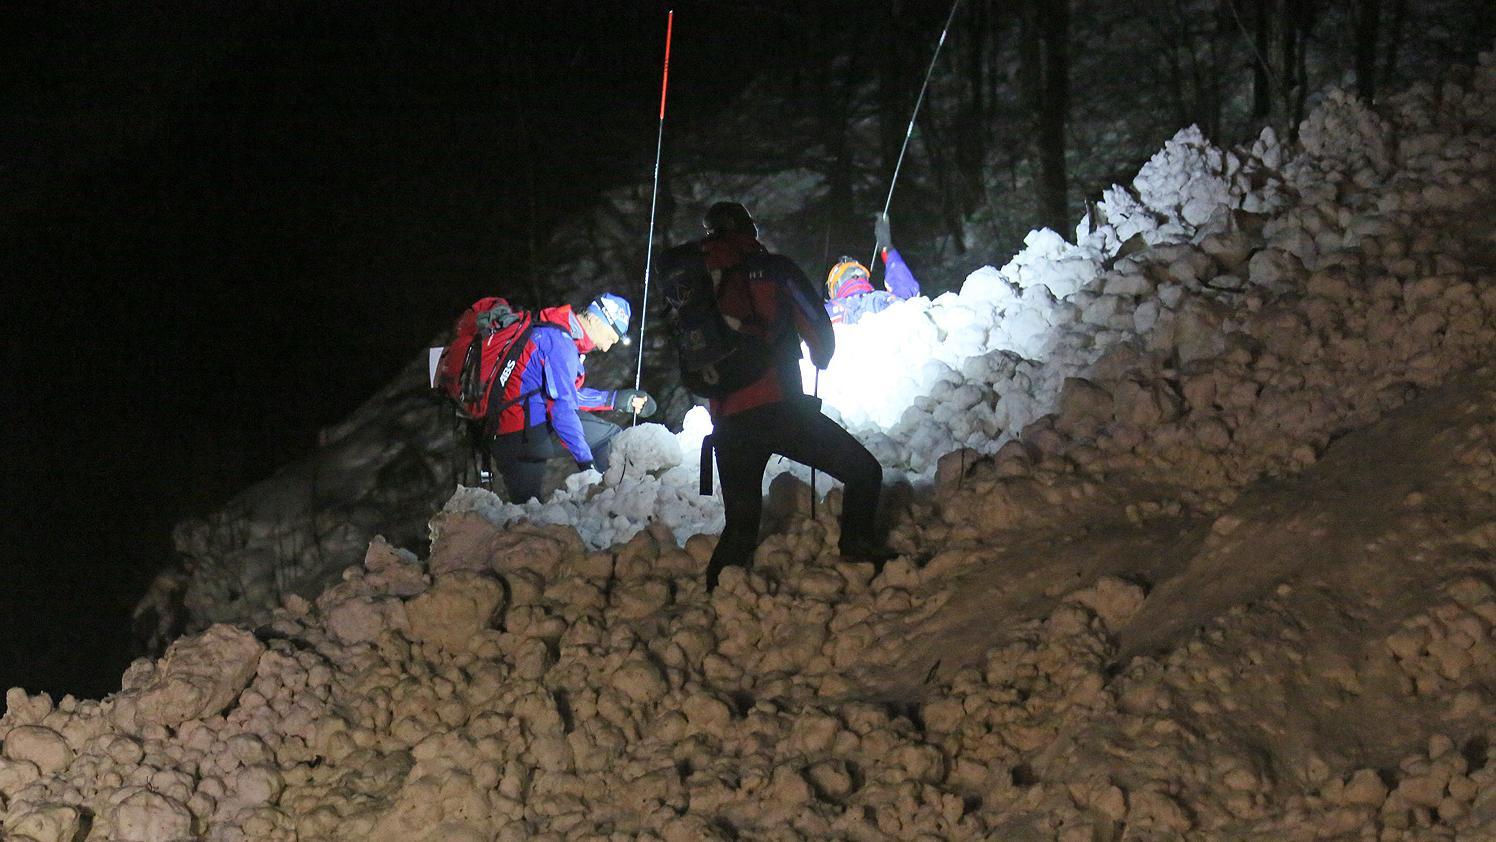 Die Bergwacht Inzell sondierte die Schneemassen mit verlängerbaren Sonden.